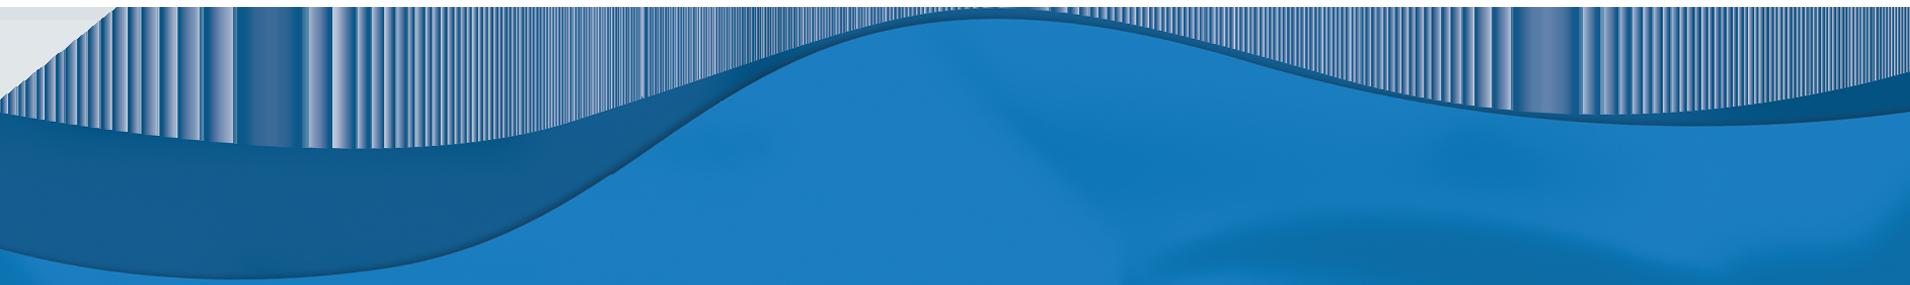 Ondas azuis decorativas